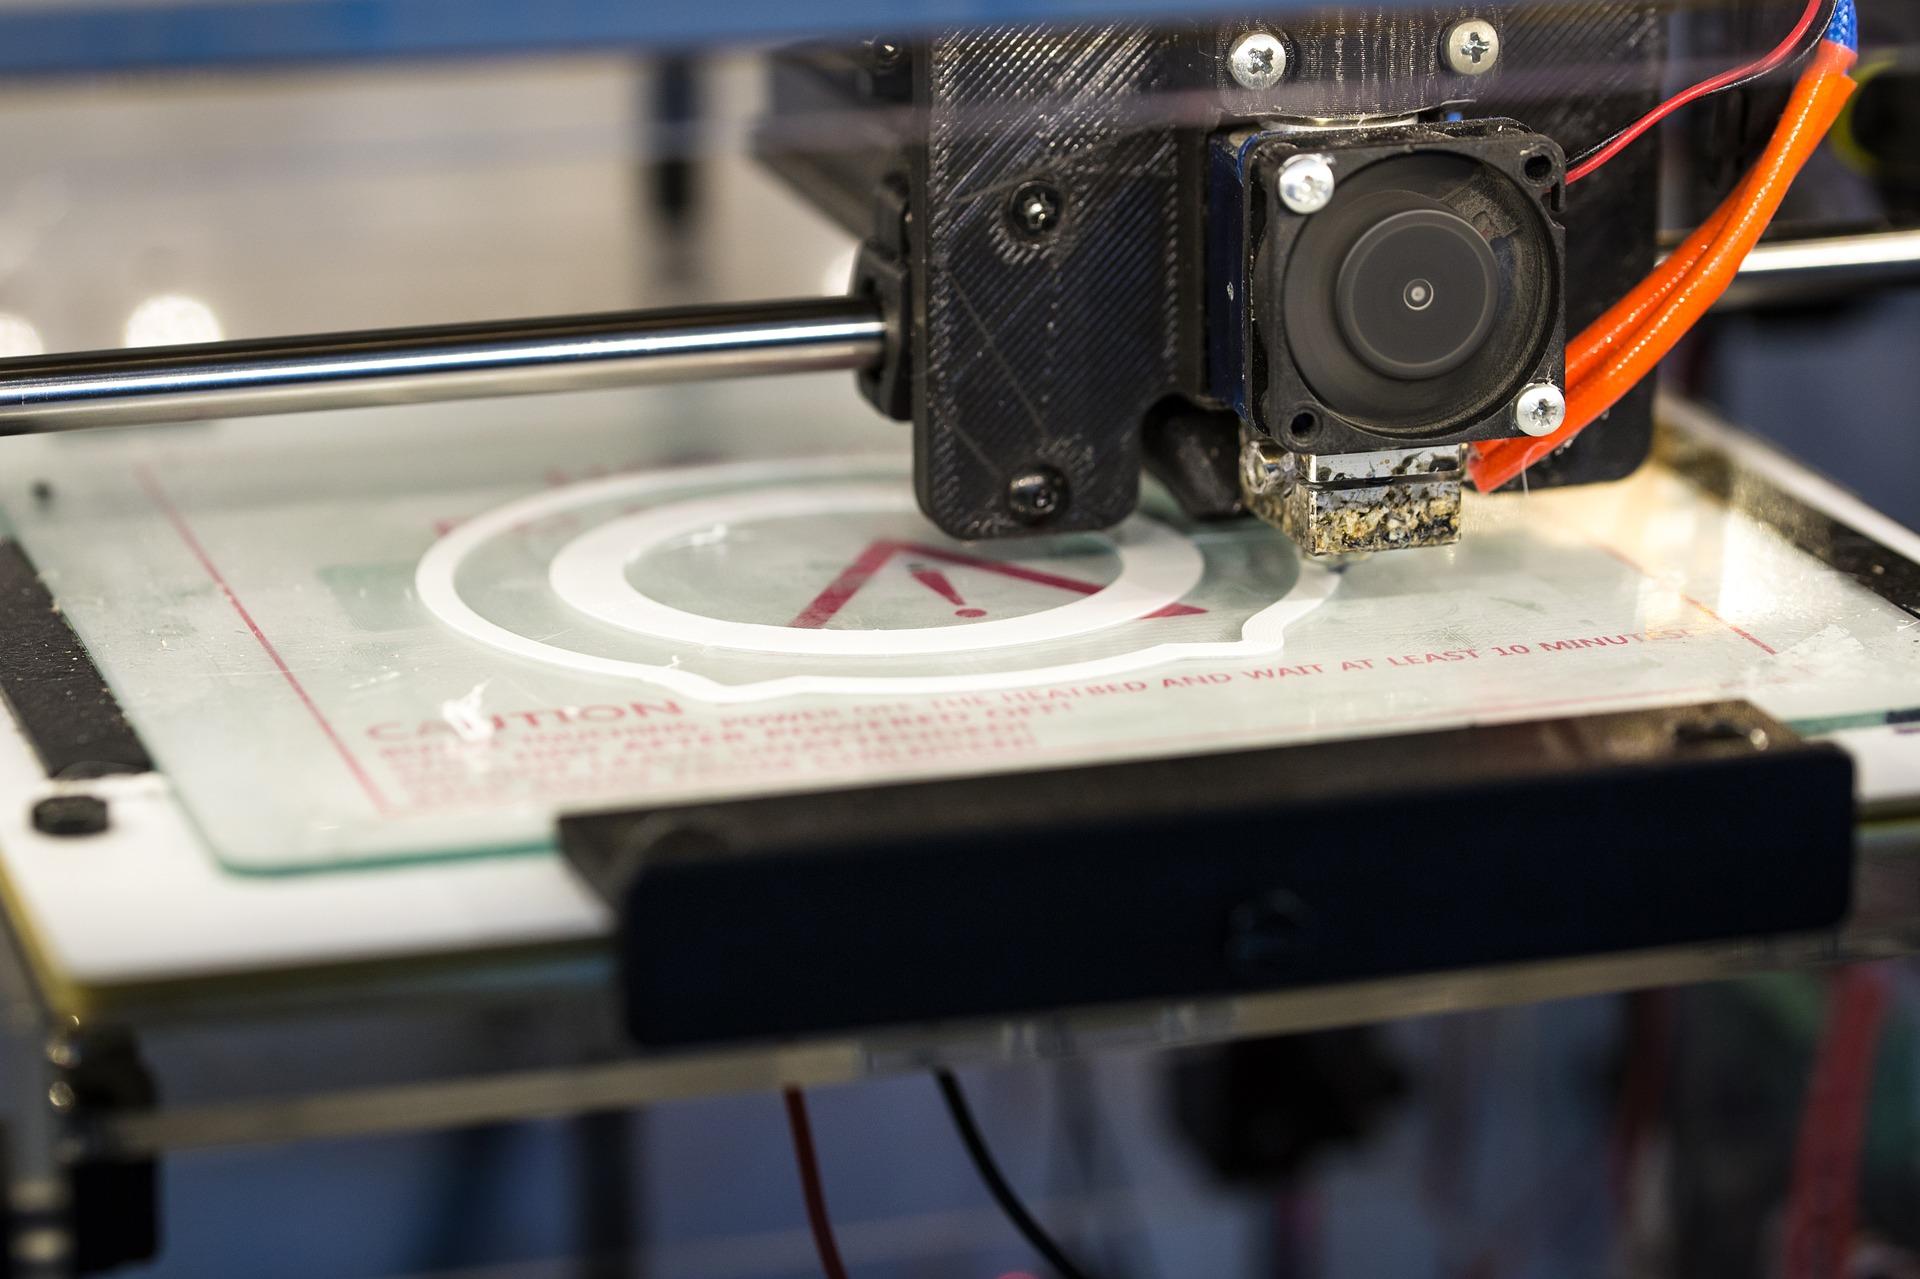 Cellulosa: un nuovo materiale per la stampa 3D